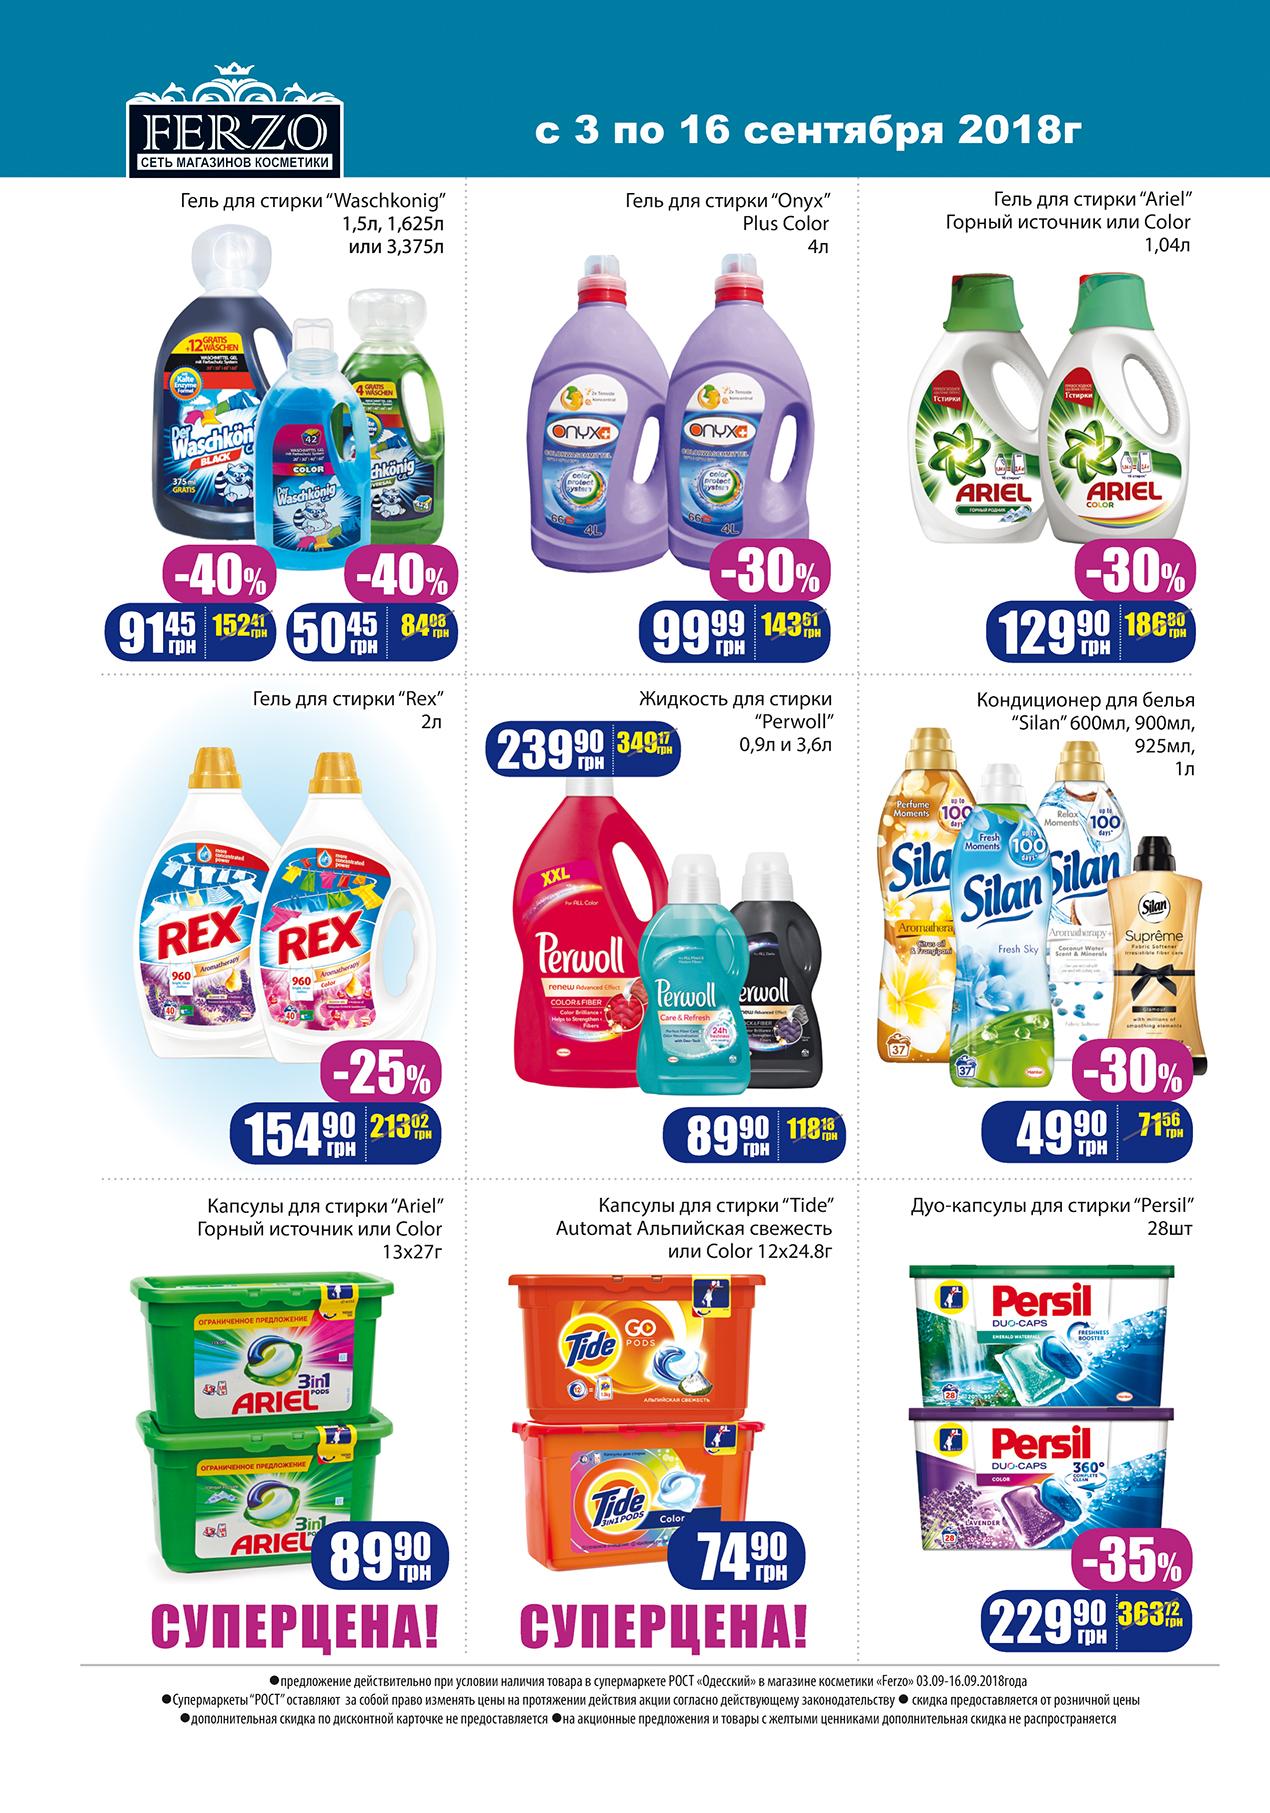 bytovaya_himiya_03-09-16-09_ferzo_print_page2